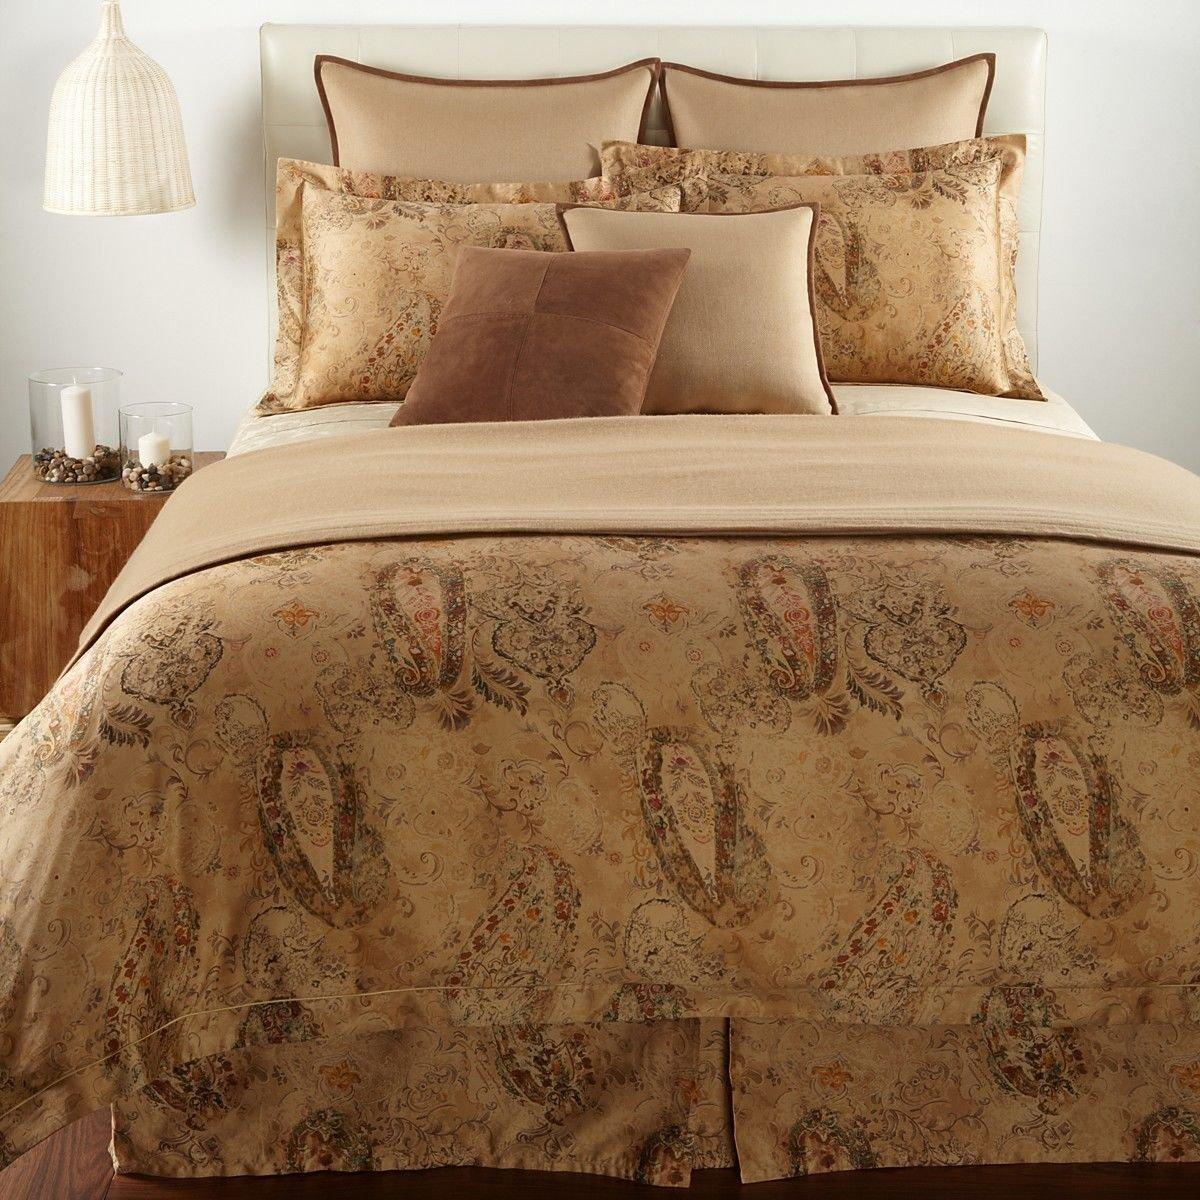 Ralph lauren bedroom - Amazon Com Ralph Lauren Verdonnet Paisley Full Queen Comforter Kitchen Dining